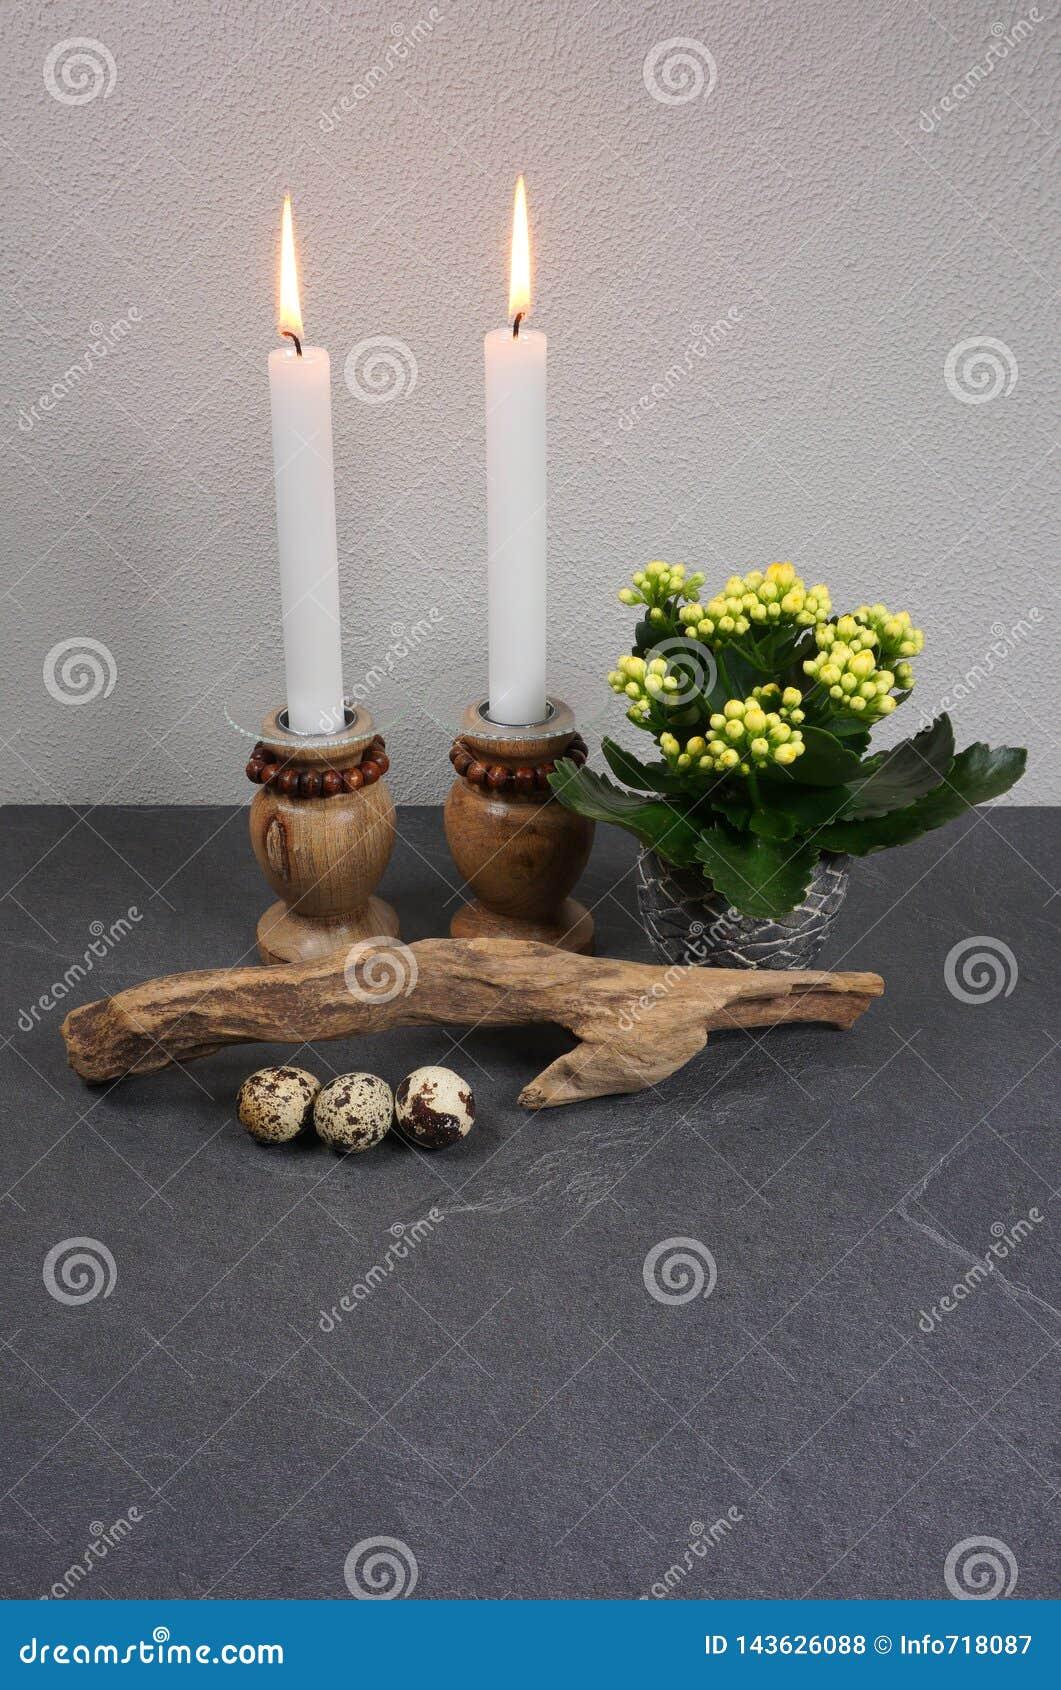 Dekoracja dla domowego ambiance z świeczki kalanchoe driftwood przy szarym drewnianym tłem i blossfeldiana